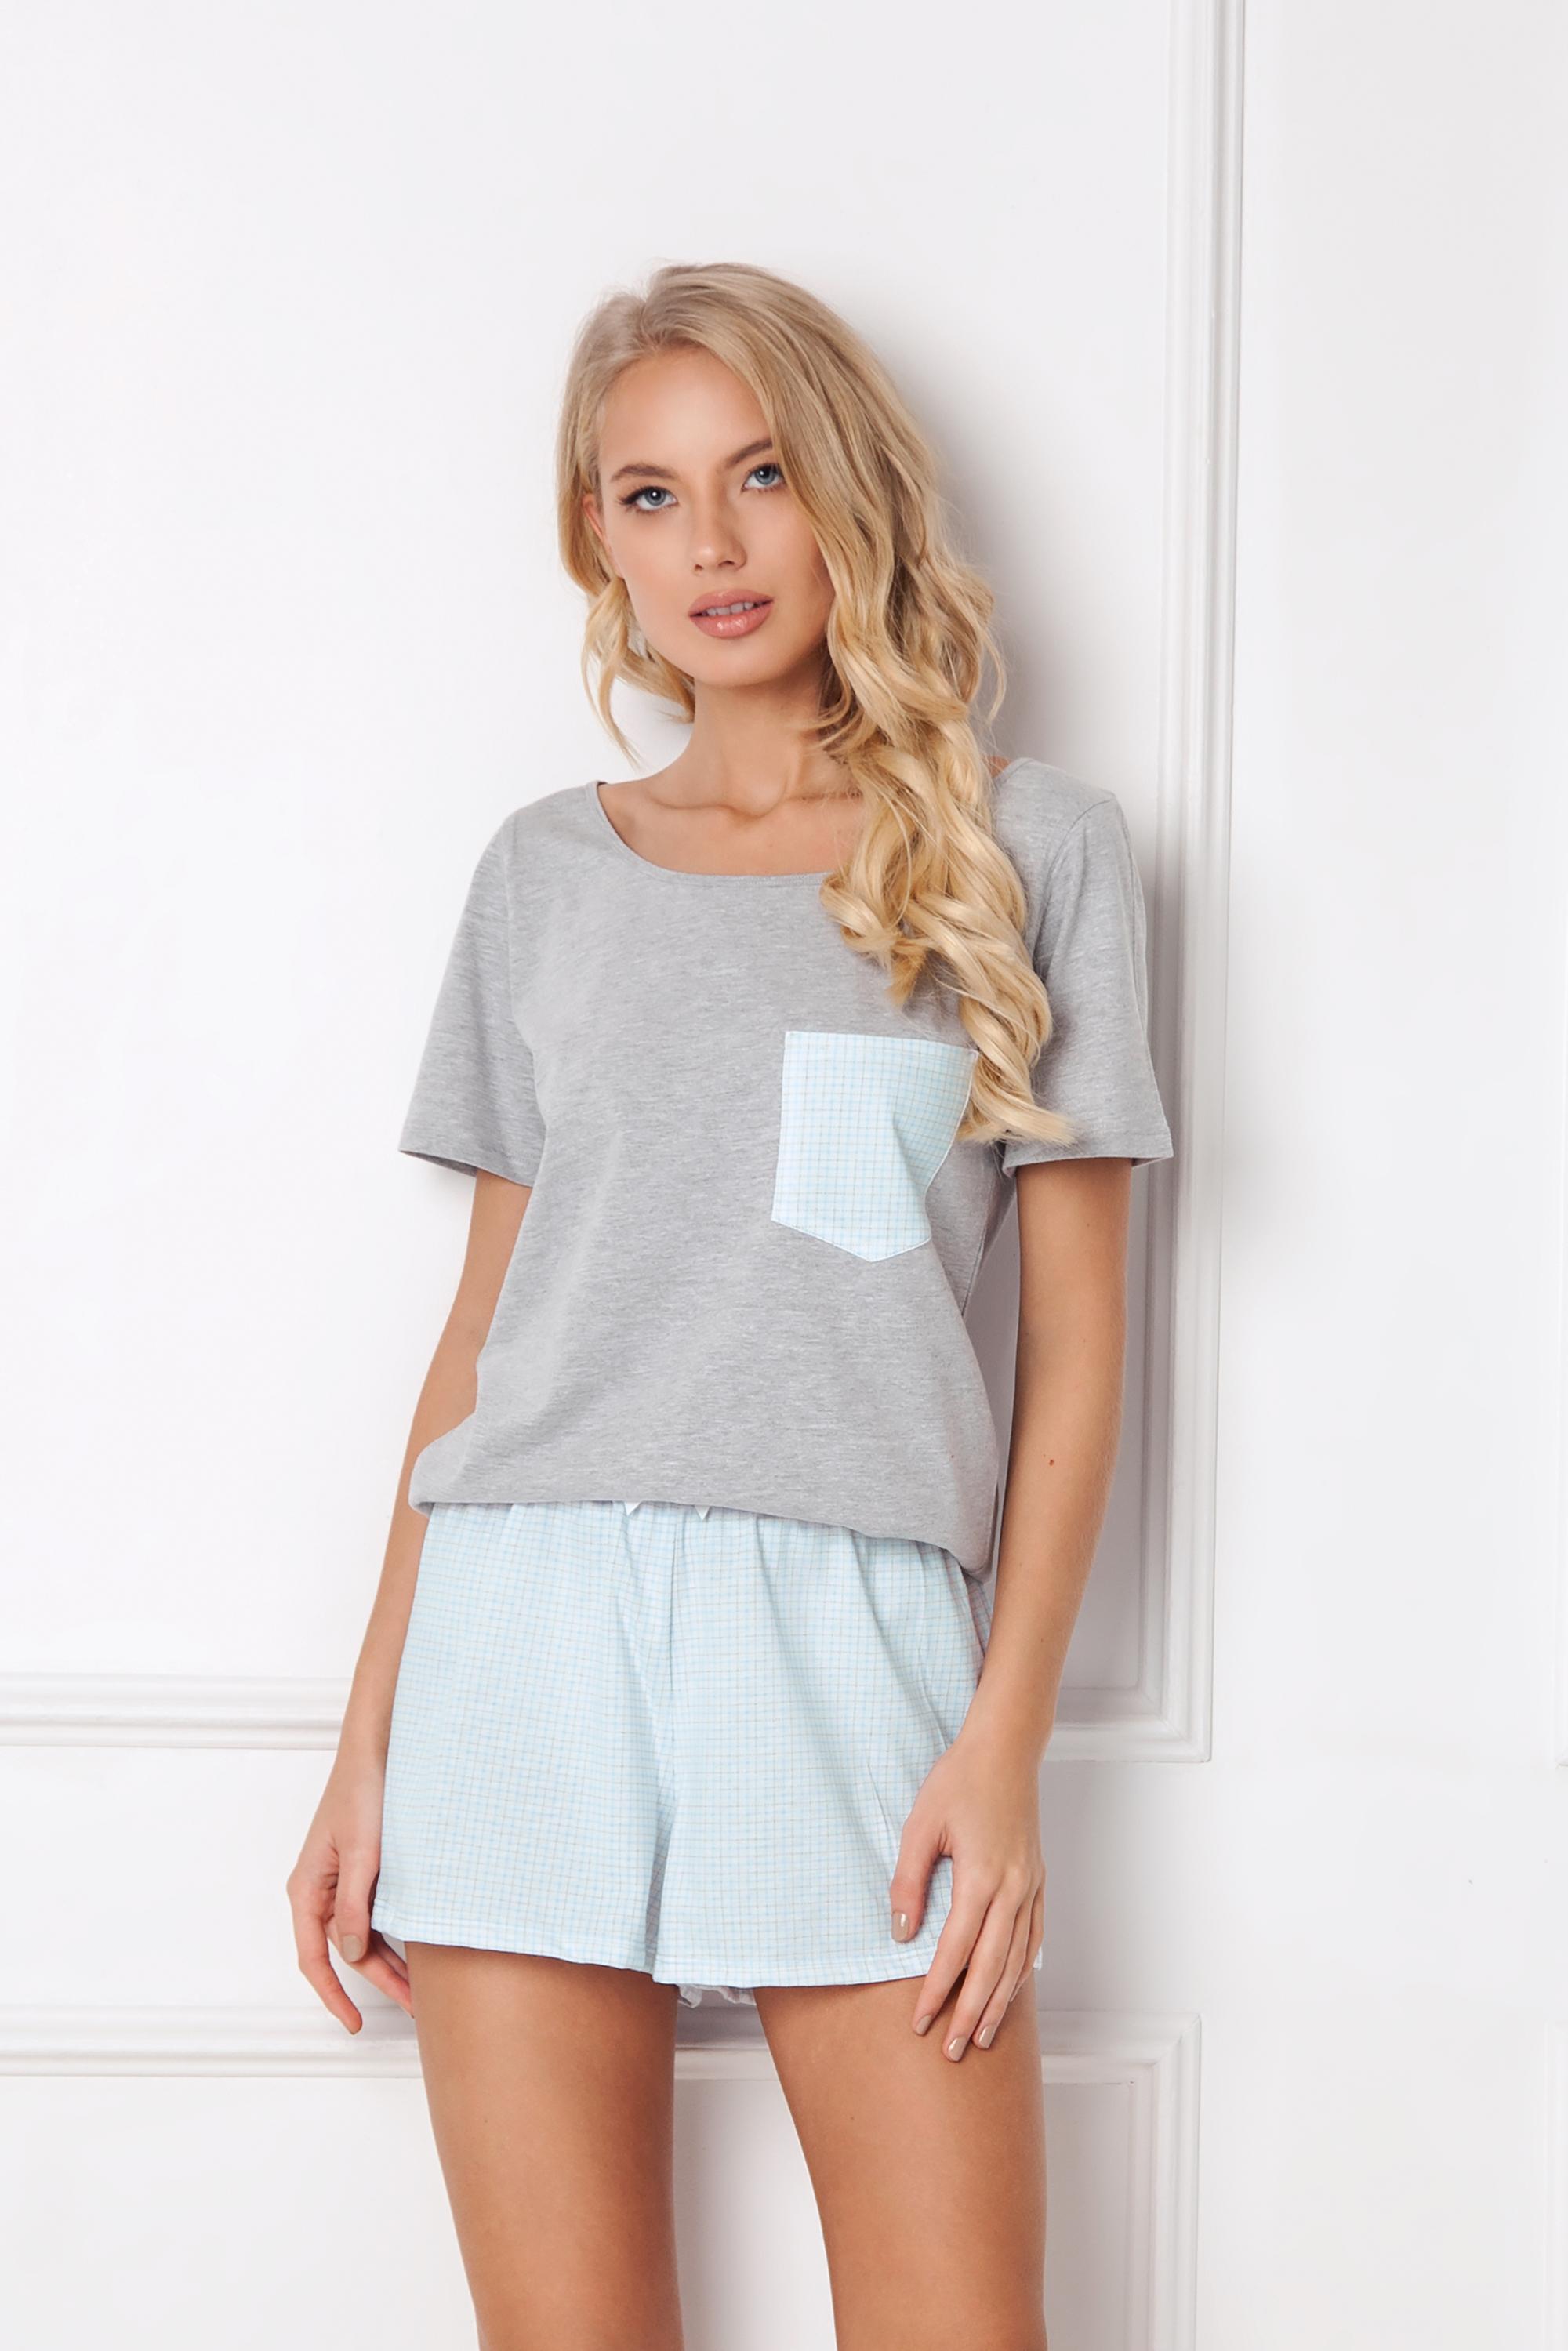 Aruelle -  Piżama Jackie Short szaro-błękitny Foto 3